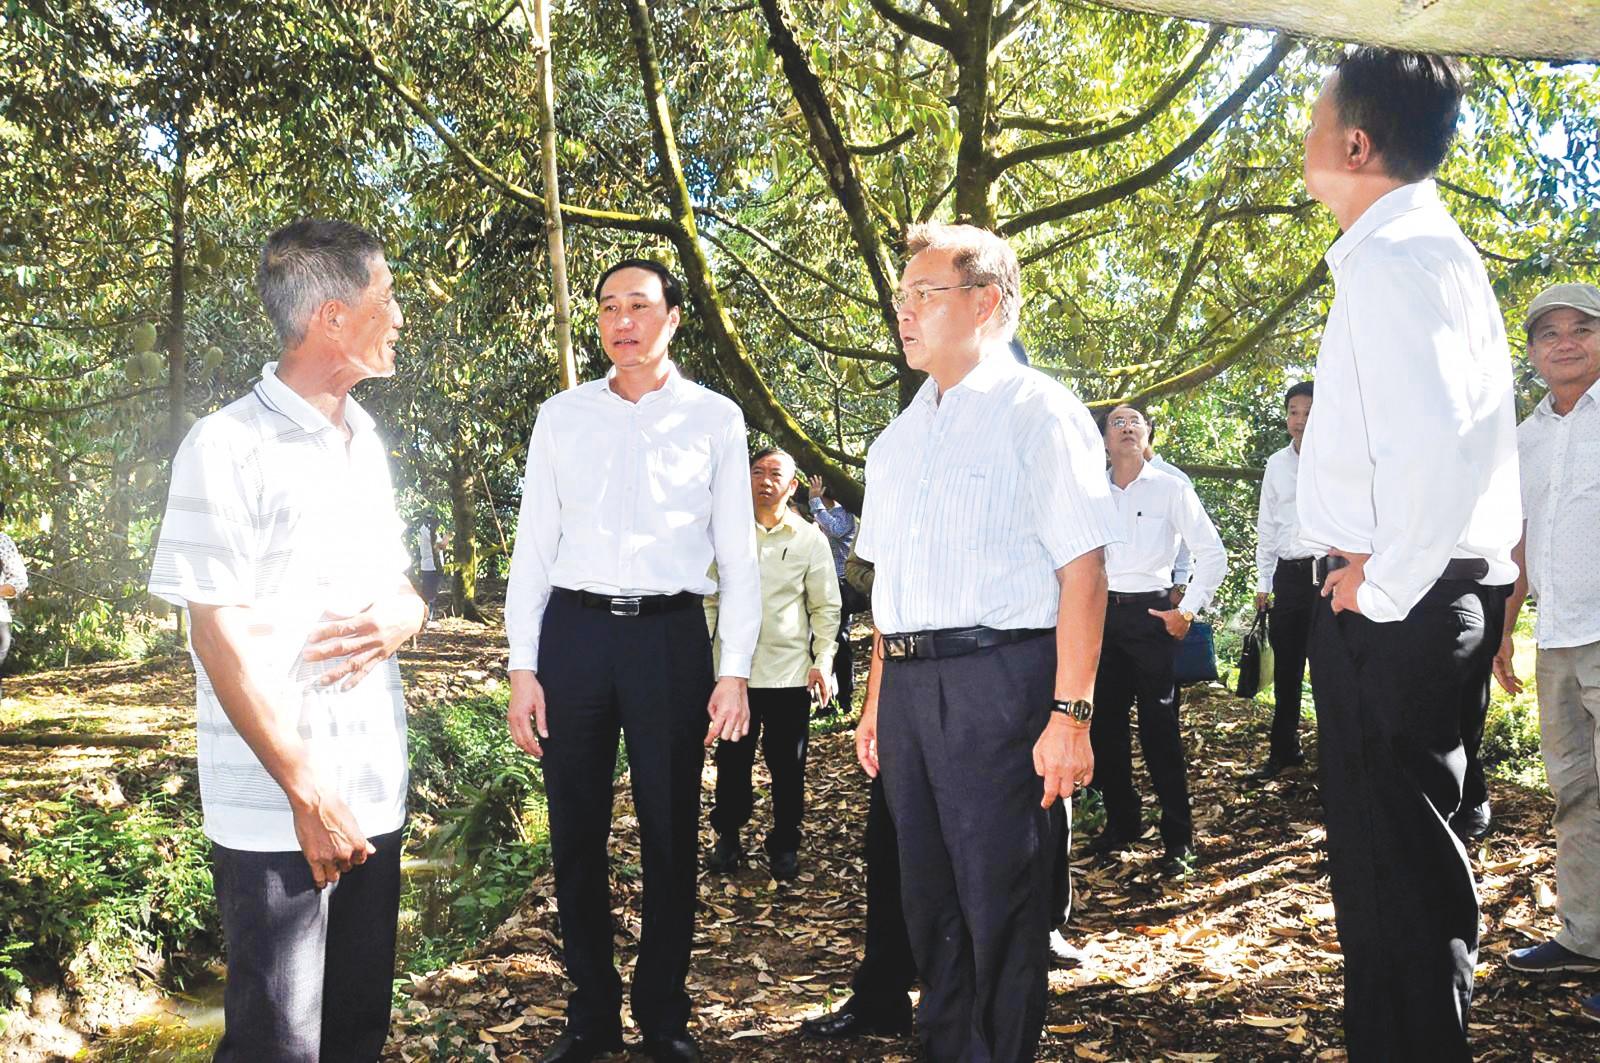 Đồng chí Xay-xổm-phon Phôm-vi-hản, Chủ tịch Ủy ban Trung ương Mặt trận Lào xây dựng đất nước (thứ 2 bên phải sang) tham quan mô hình trồng sầu riêng tại xã Tân Thới. Ảnh: A.D